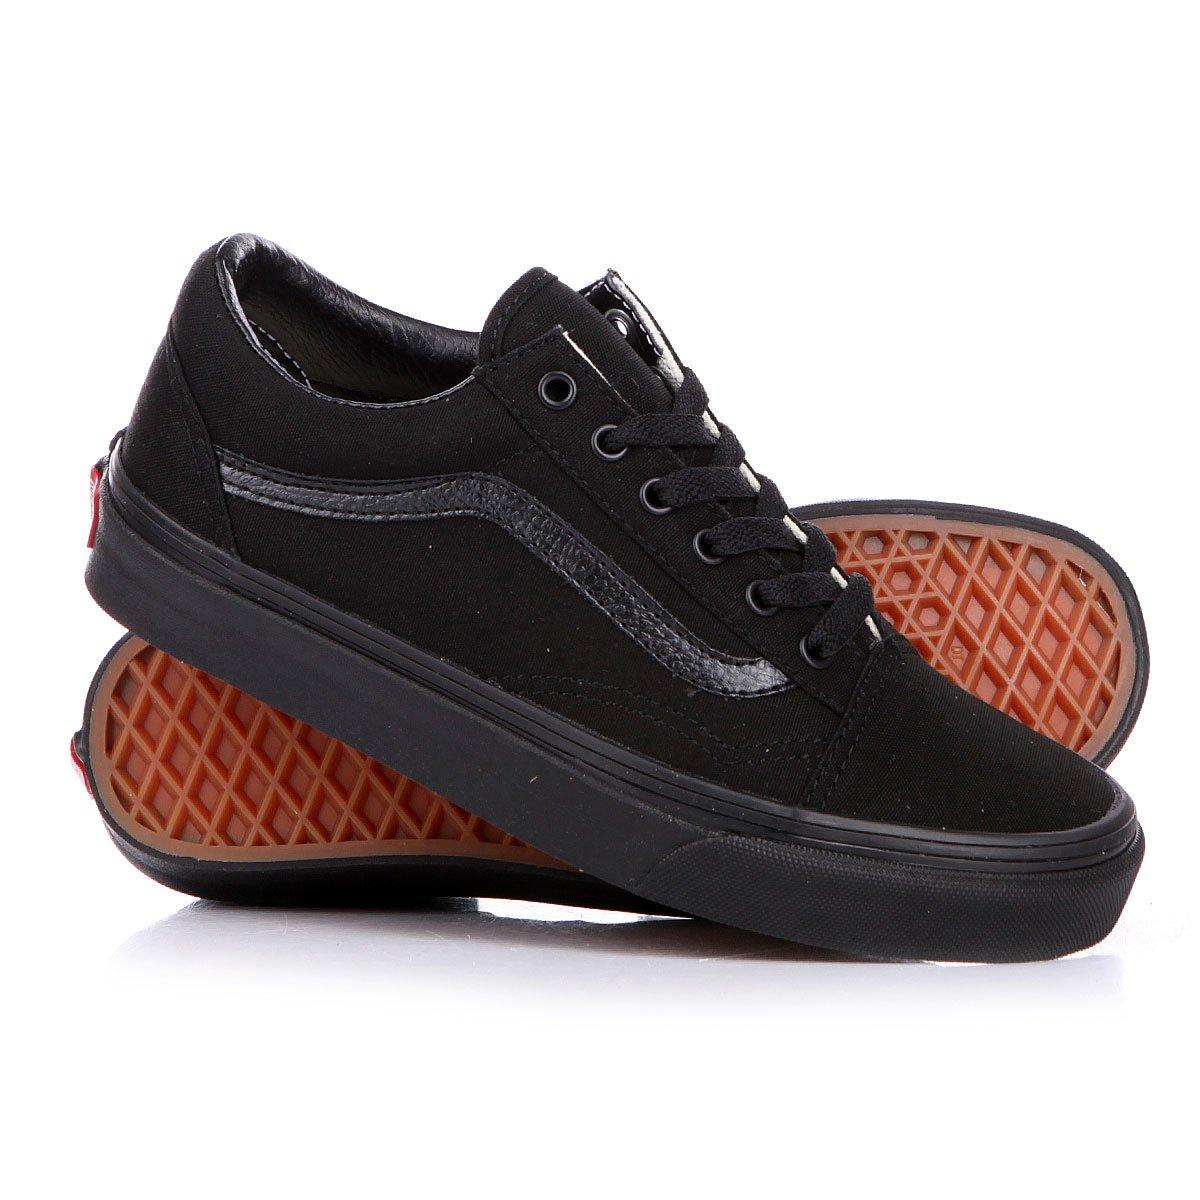 Купить кеды Vans Old Skool Deep Black в интернет-магазине Proskater.by 1c06e341494